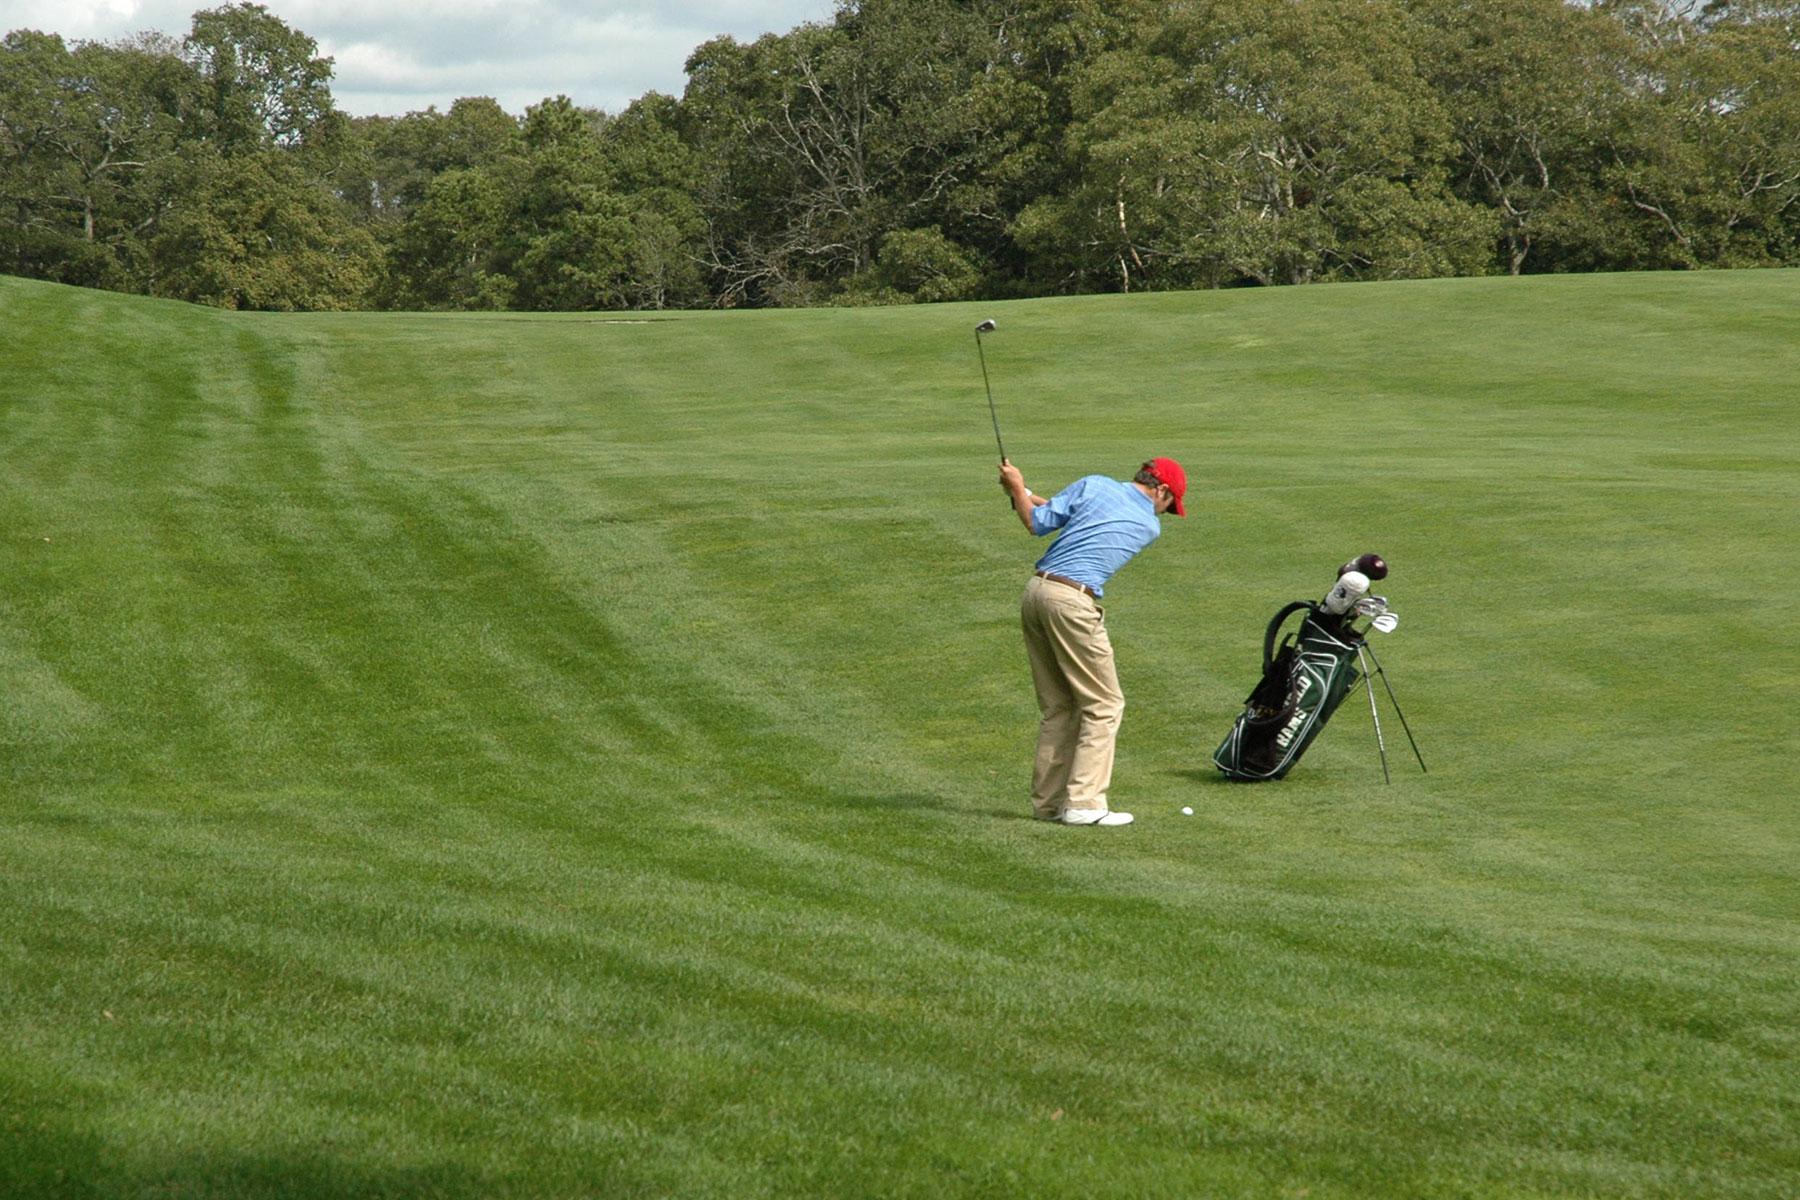 Cape Cod golfer